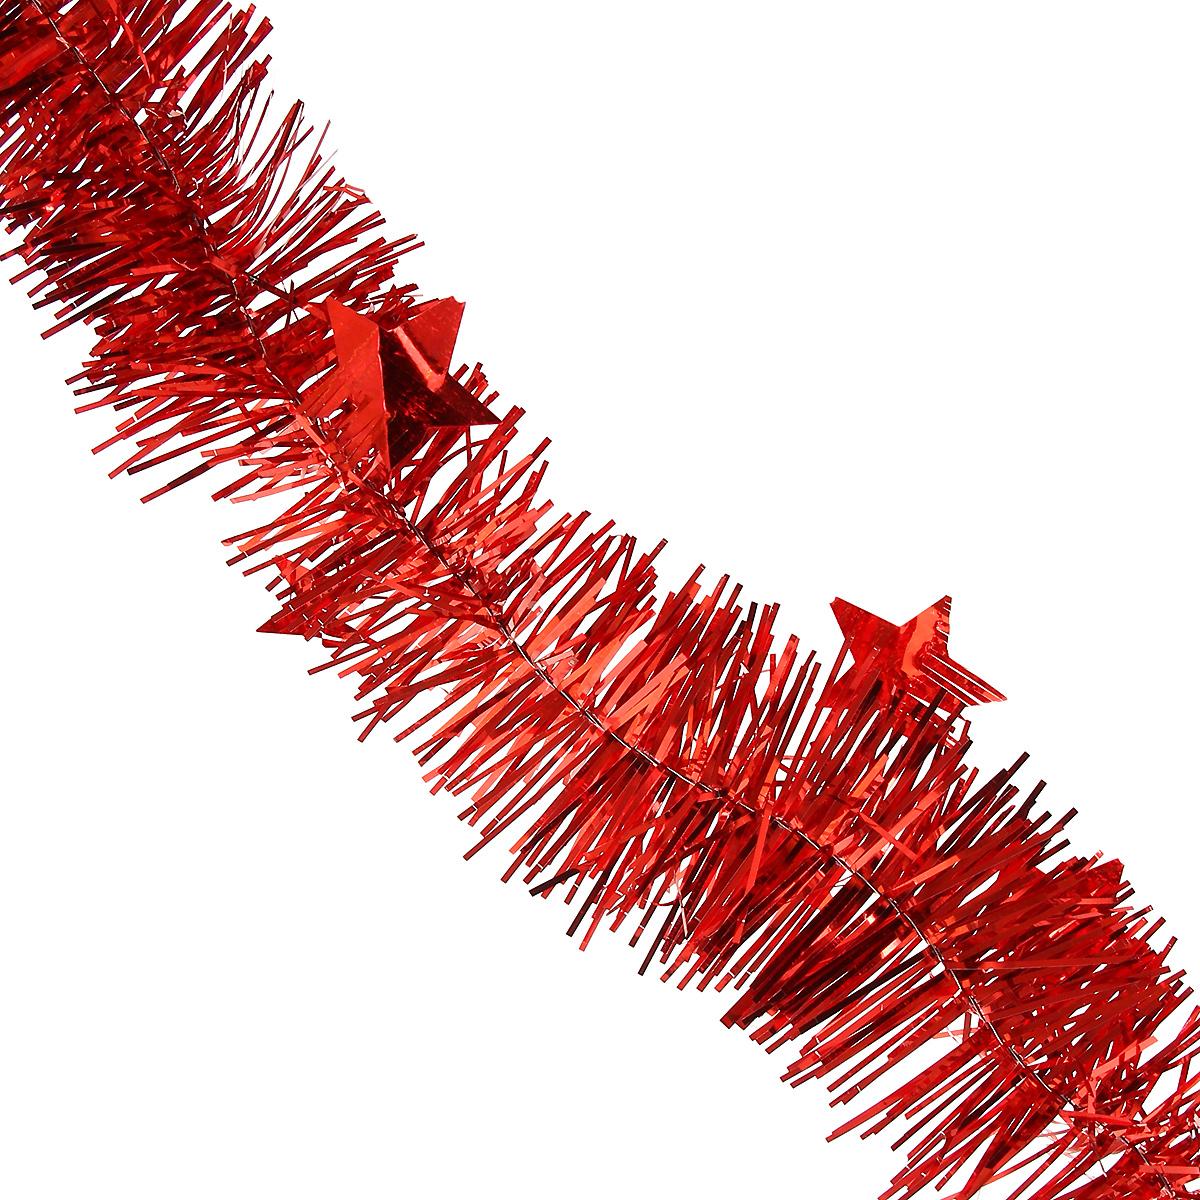 Мишура новогодняя Magic Time, со звездами, диаметр 6 см, длина 200 см, цвет: красный. 3489934899Новогодняя мишура Magic Time, выполненная из ПЭТ (Полиэтилентерефталат), поможет вам украсить свой дом к предстоящим праздникам. Изделие выполнено в виде скрученной косички. Новогодняя елка с таким украшением станет еще наряднее. Мишура армирована, то есть имеет проволоку внутри и способна сохранять форму. Новогодней мишурой можно украсить все, что угодно - елку, квартиру, дачу, офис - как внутри, так и снаружи. Можно сложить новогодние поздравления, буквы и цифры, мишурой можно украсить и дополнить гирлянды, можно выделить дверные колонны, оплести дверные проемы. Коллекция декоративных украшений из серии Magic Time принесет в ваш дом ни с чем несравнимое ощущение волшебства! Создайте в своем доме атмосферу тепла, веселья и радости, украшая его всей семьей.